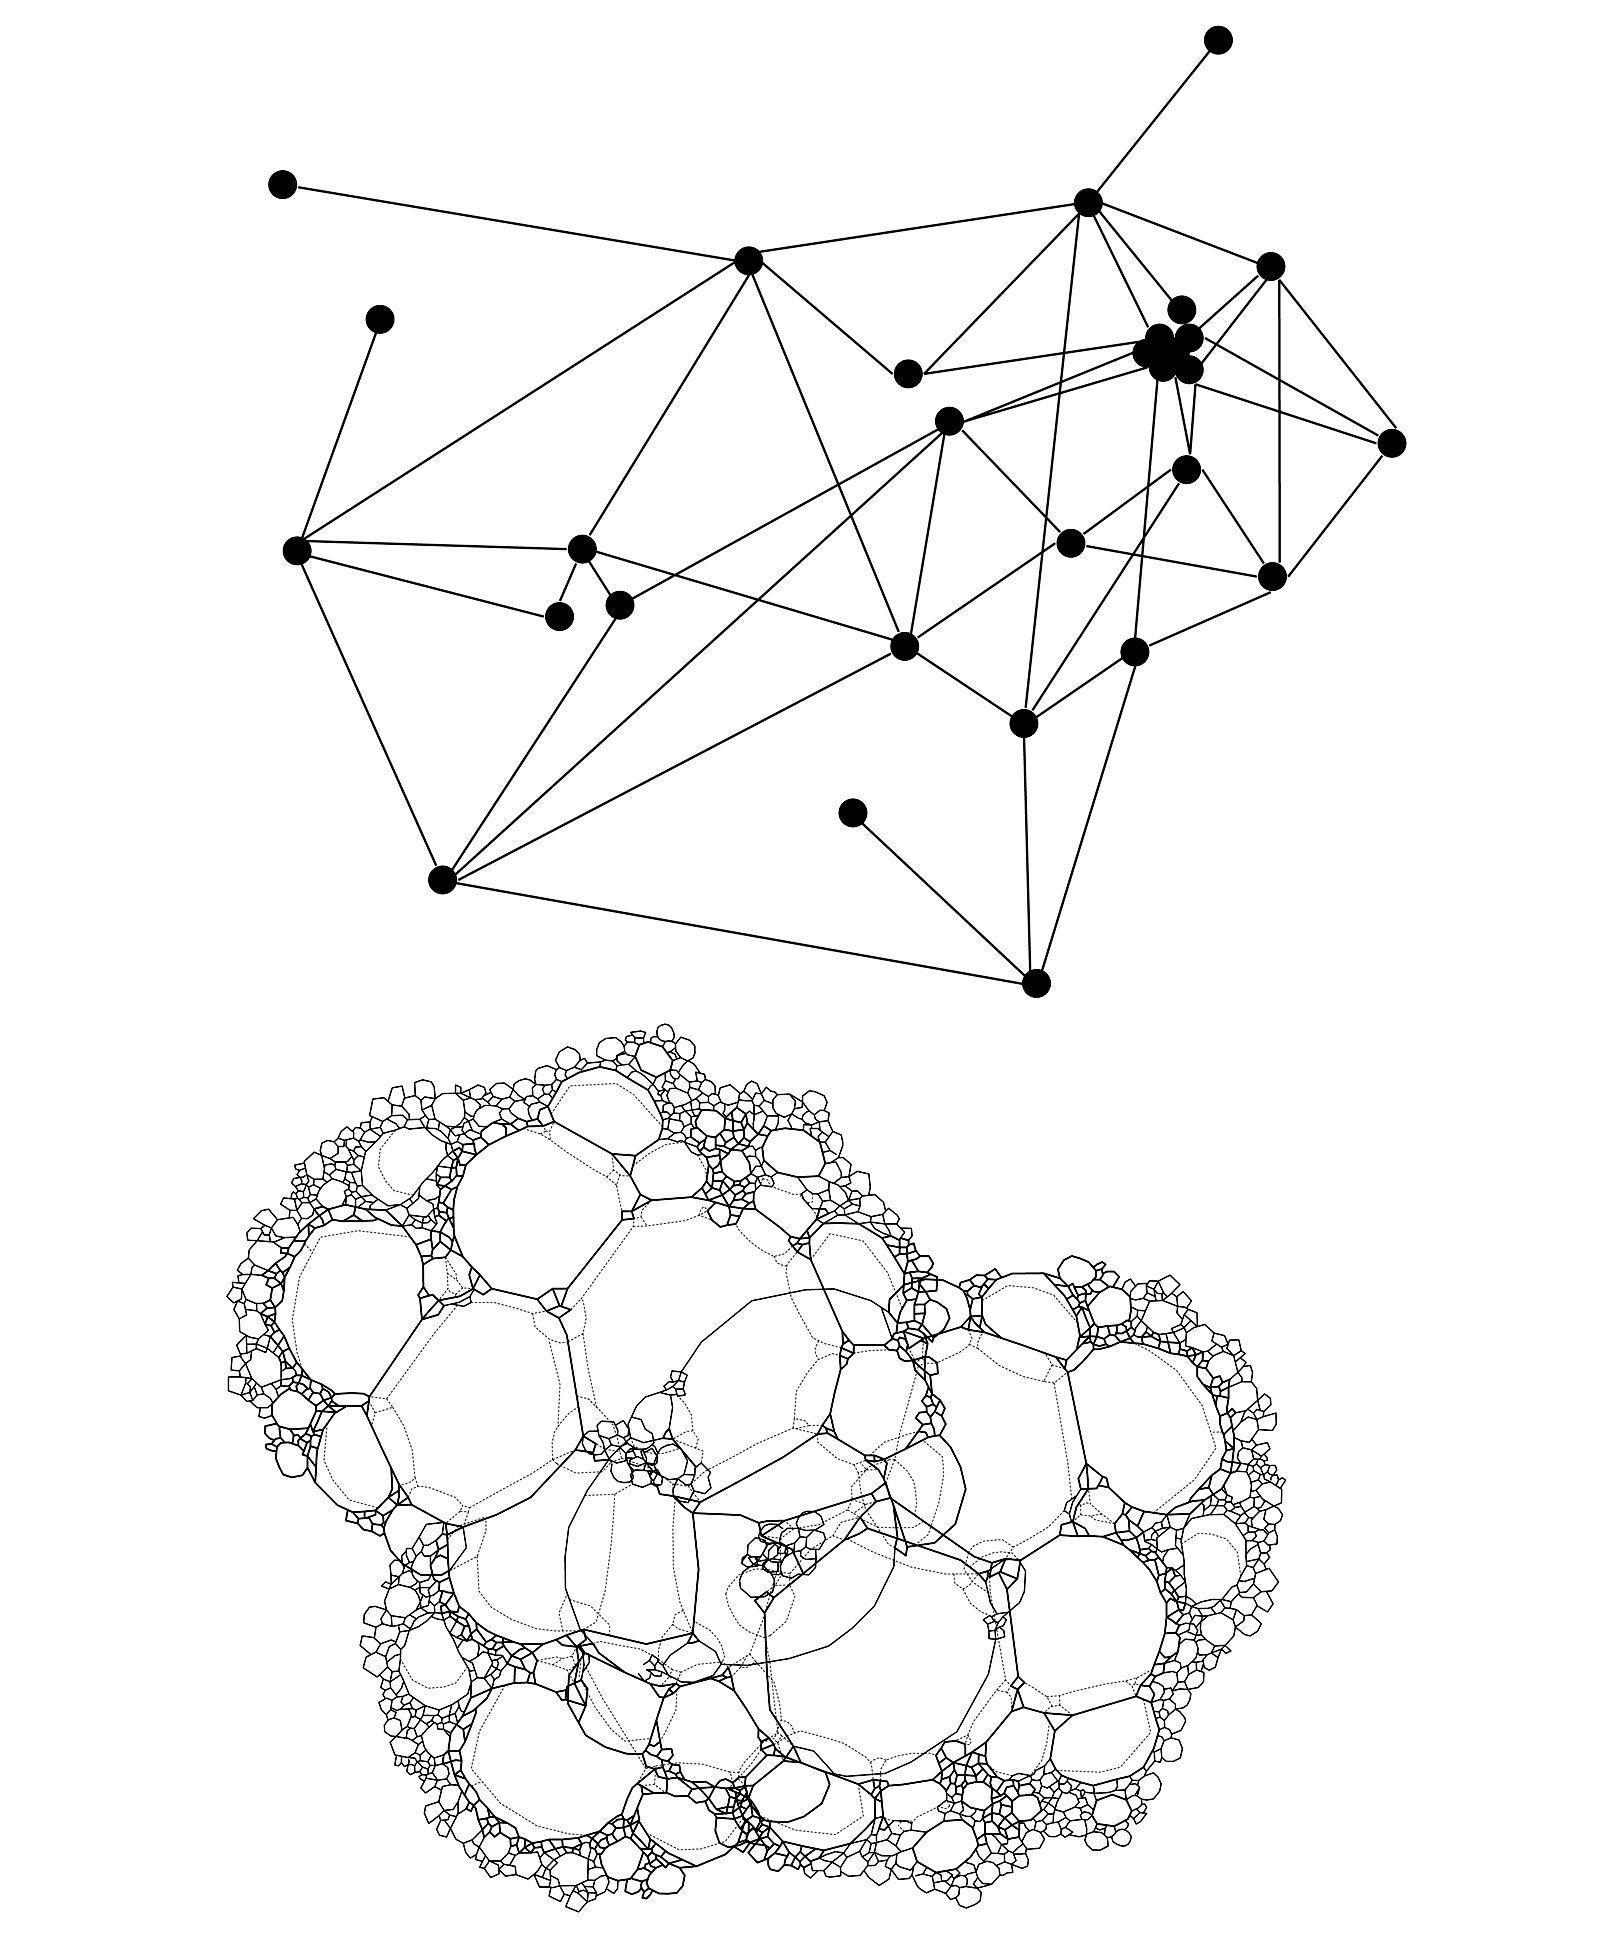 Deleuze Rhizome Network Top Versus Sloterdijk S Foam